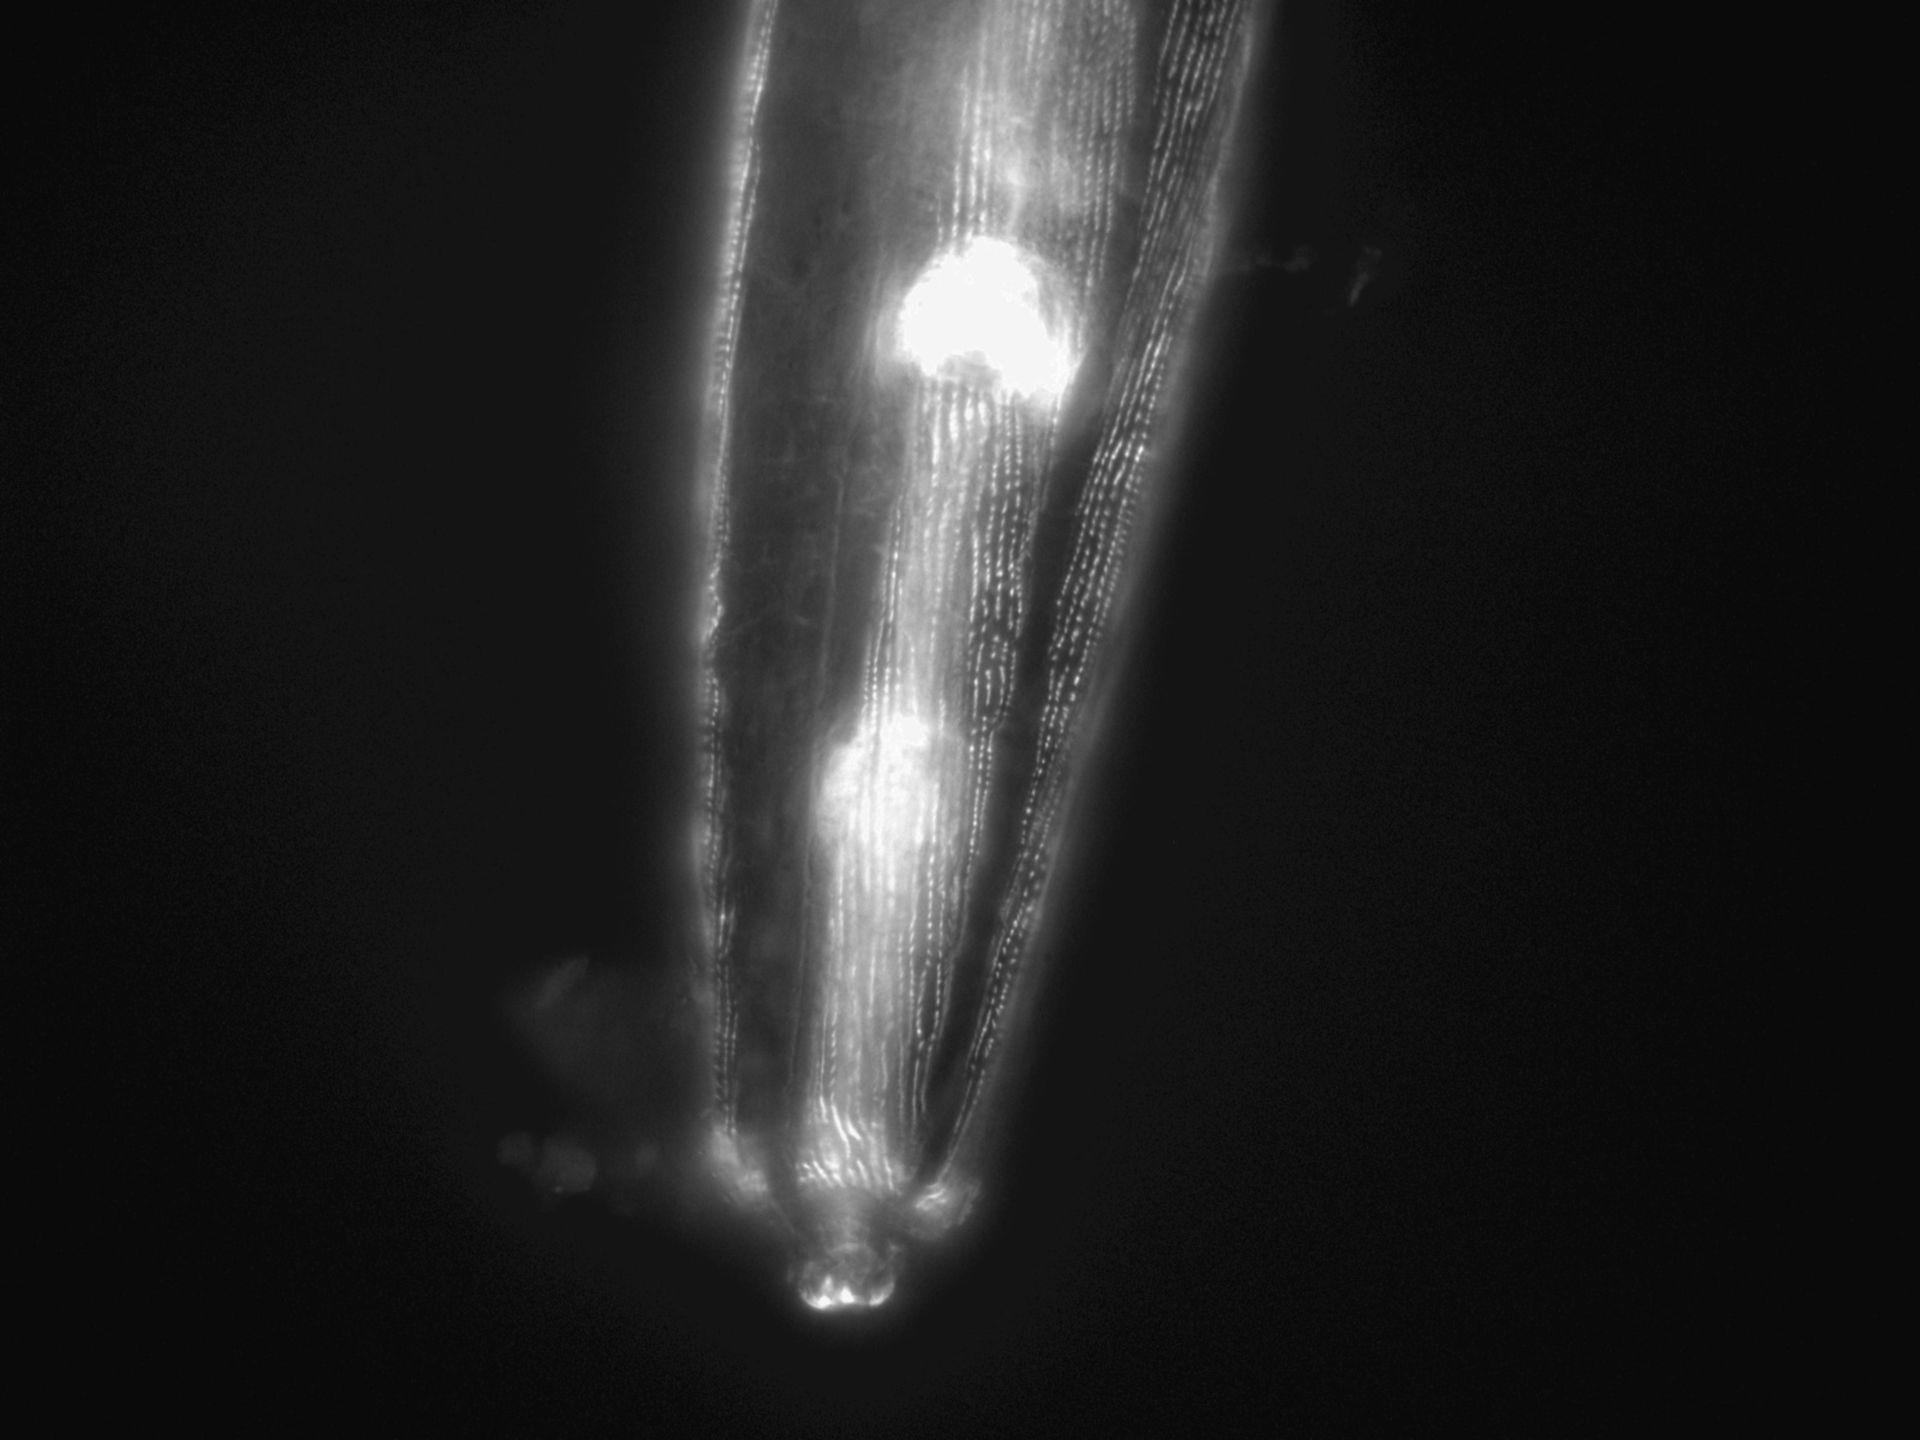 Caenorhabditis elegans (Actin filament) - CIL:1151